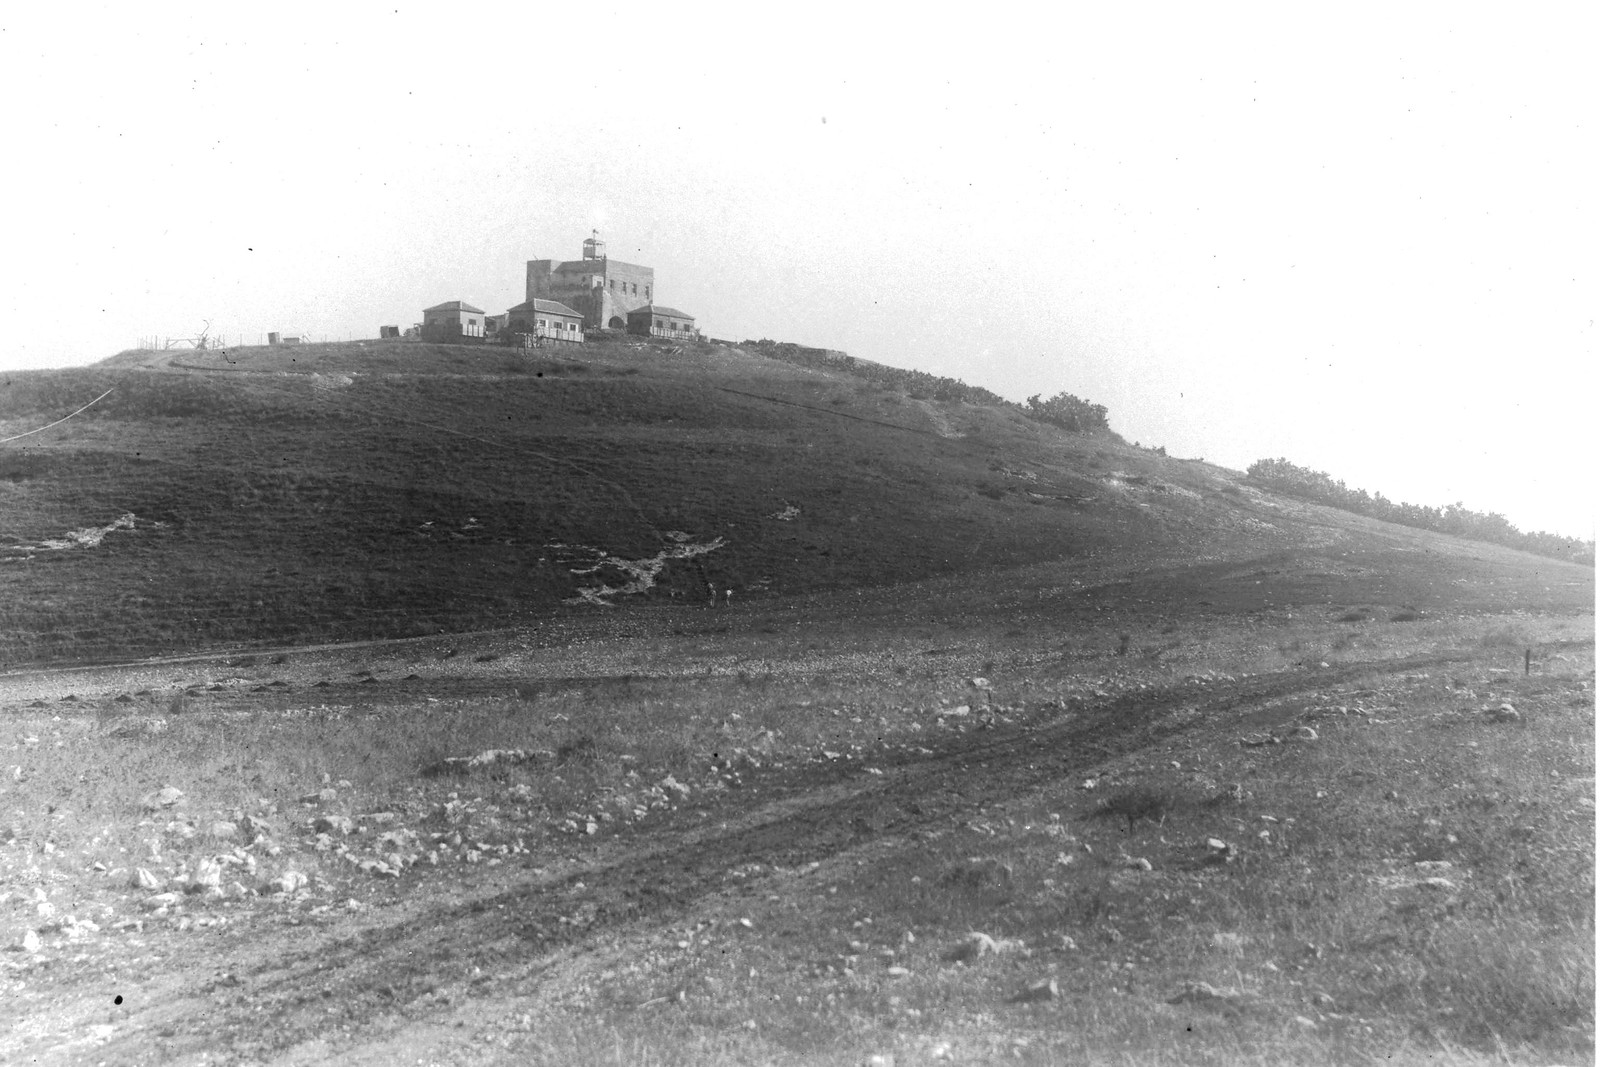 1937. Первые дома кибуца Эйн-А-Шофет